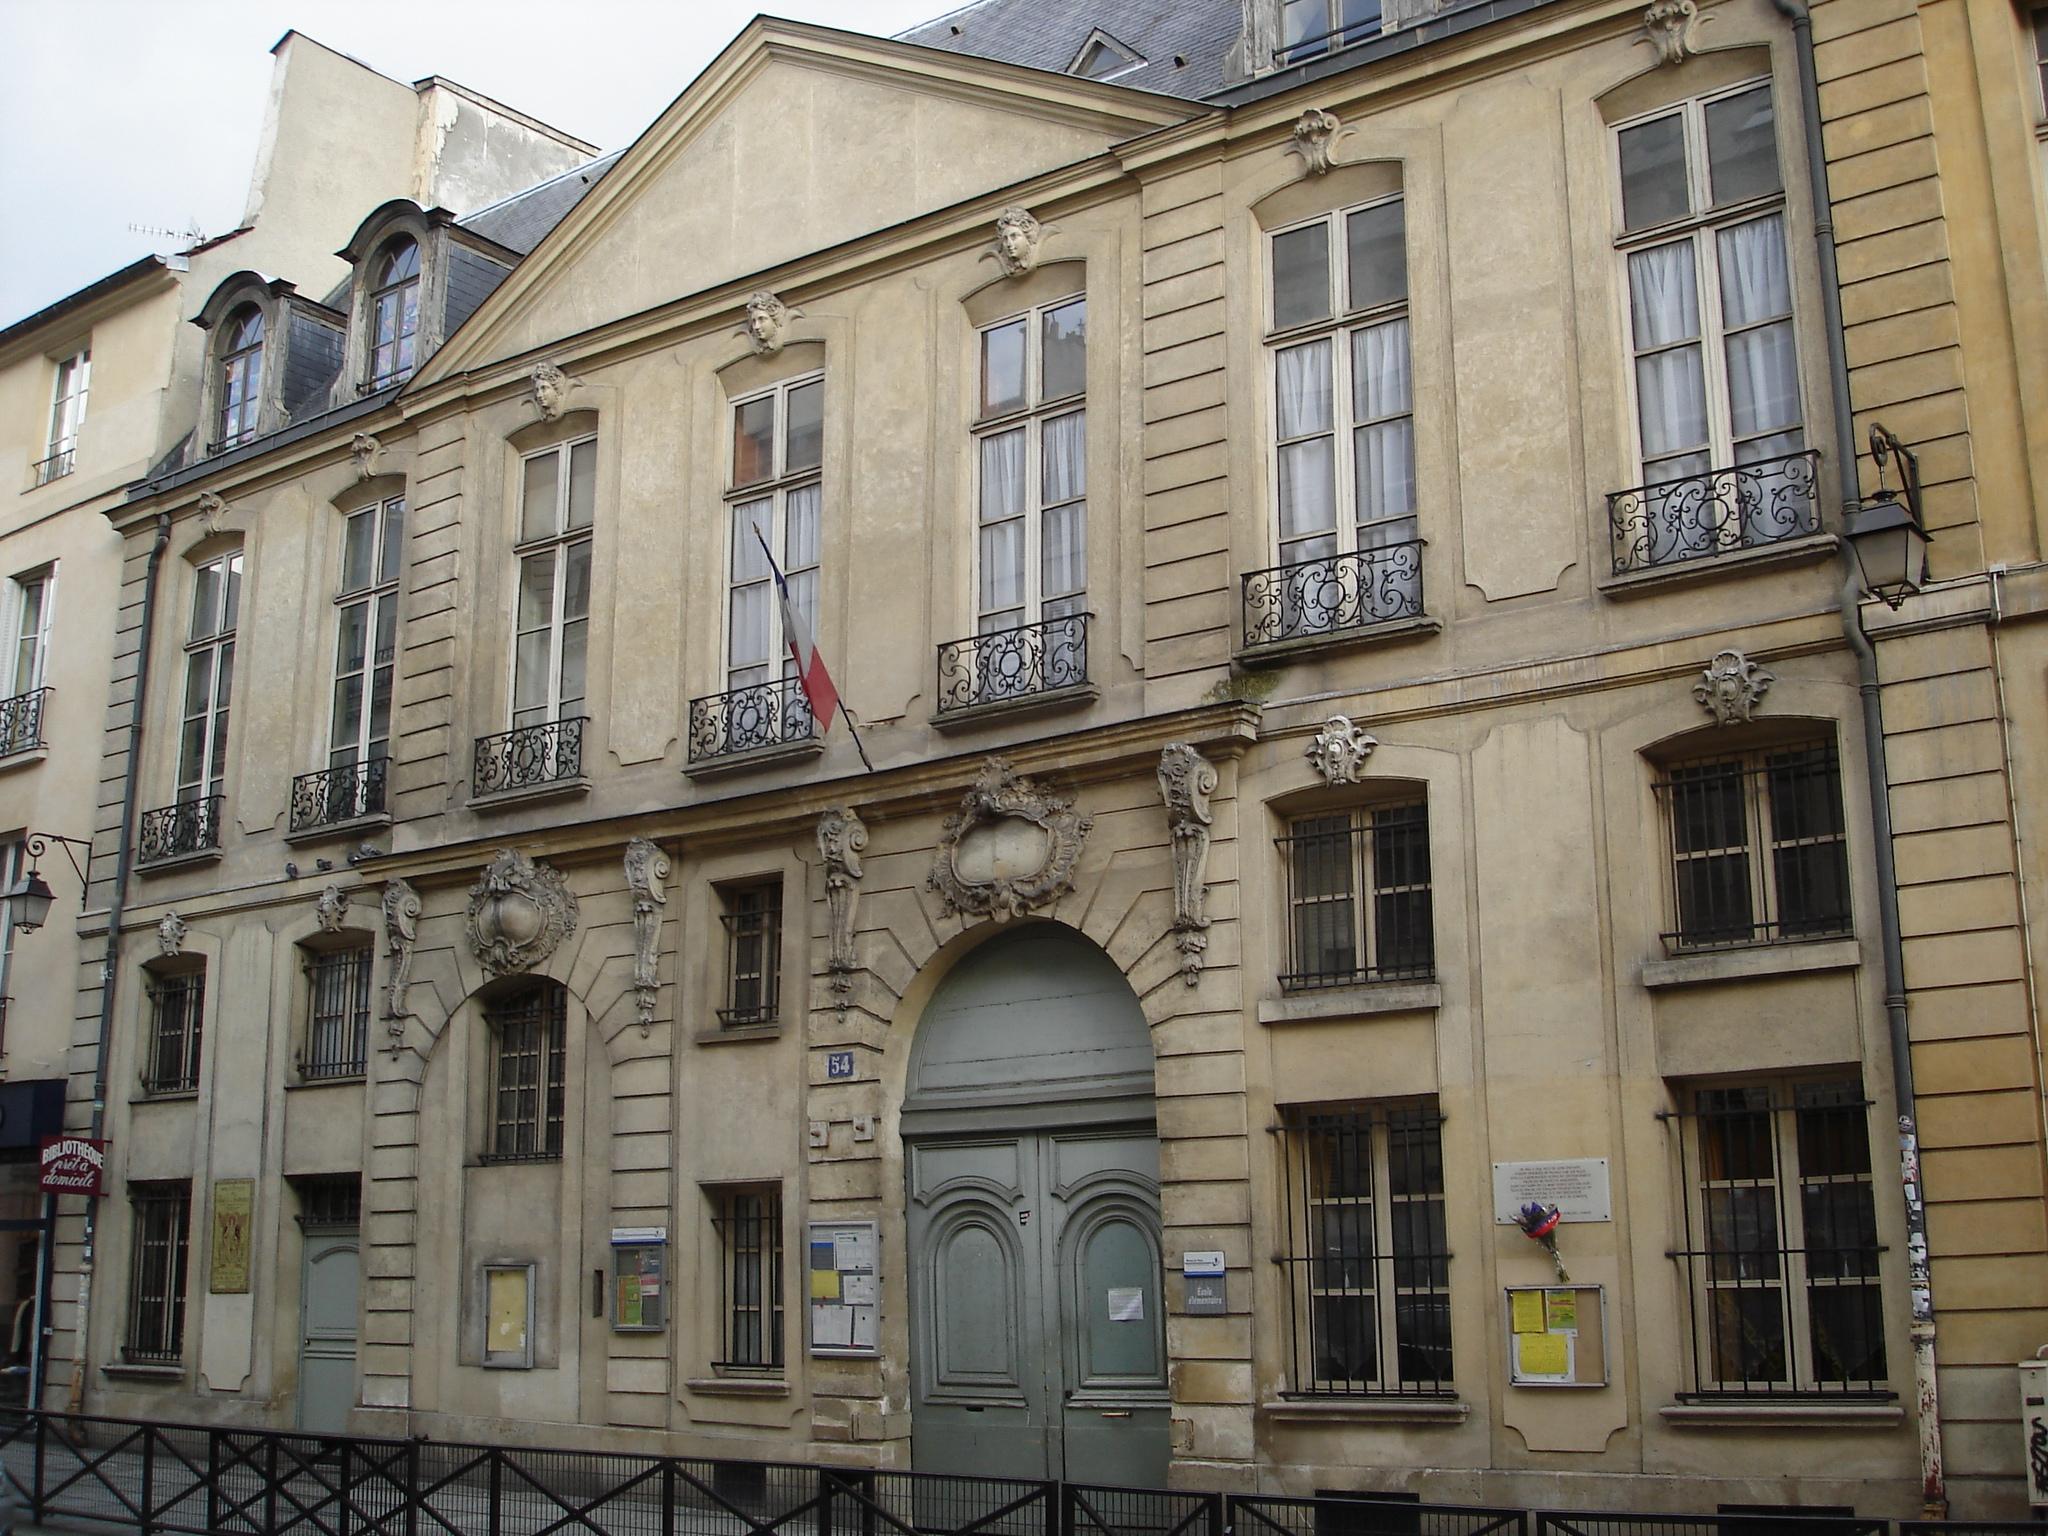 File:Rue Turenne-54-Hotel Gourgues.JPG - Wikimedia Commons